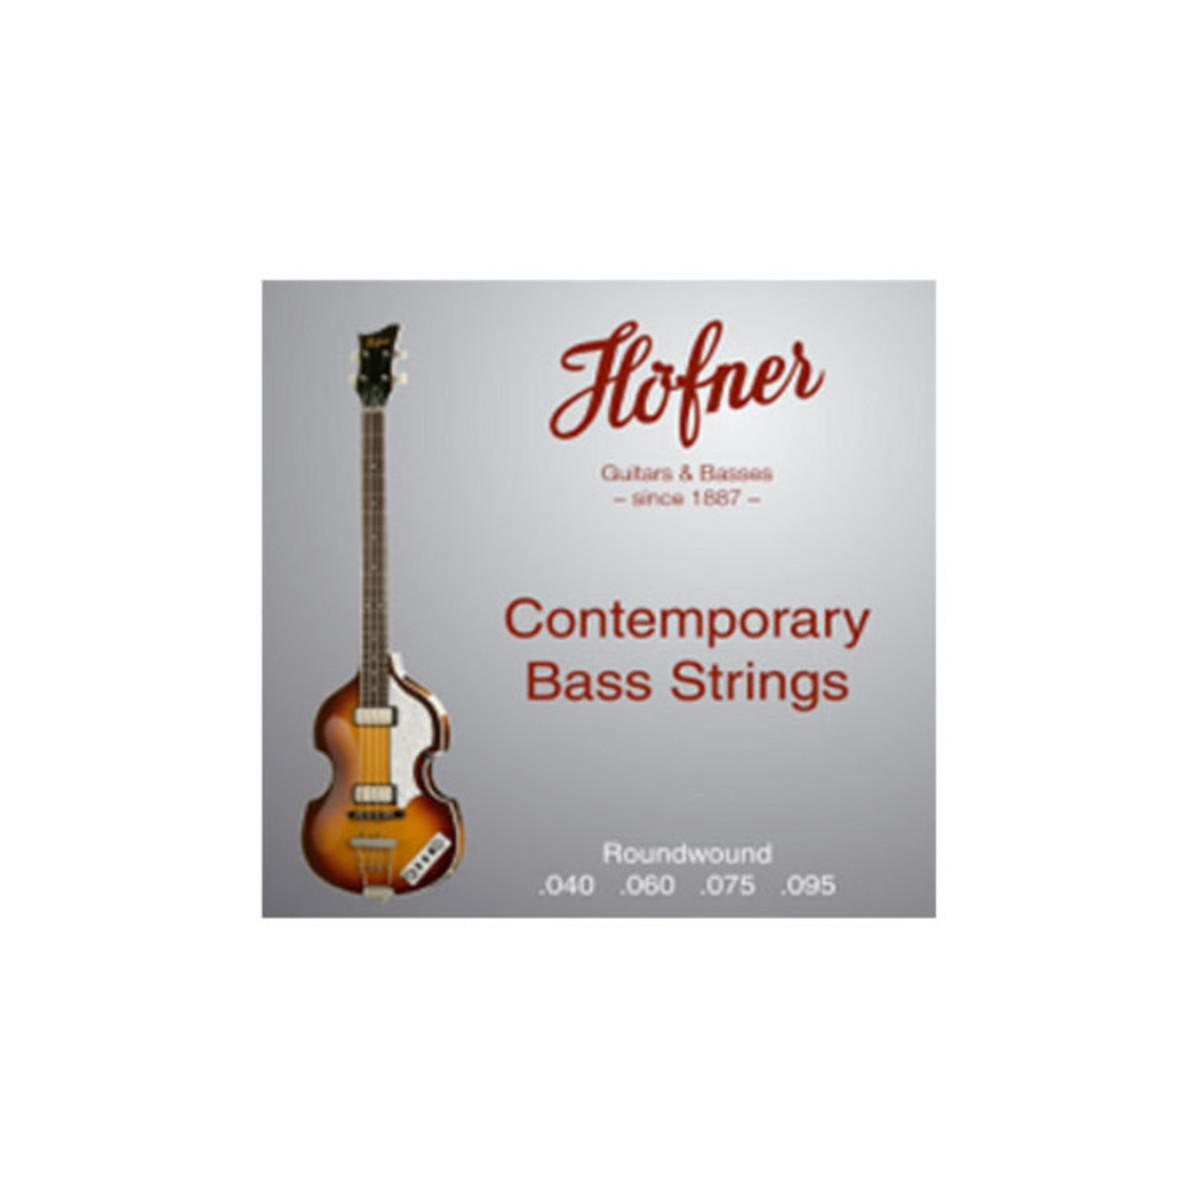 Image of Hofner HCT Violin Bass Strings